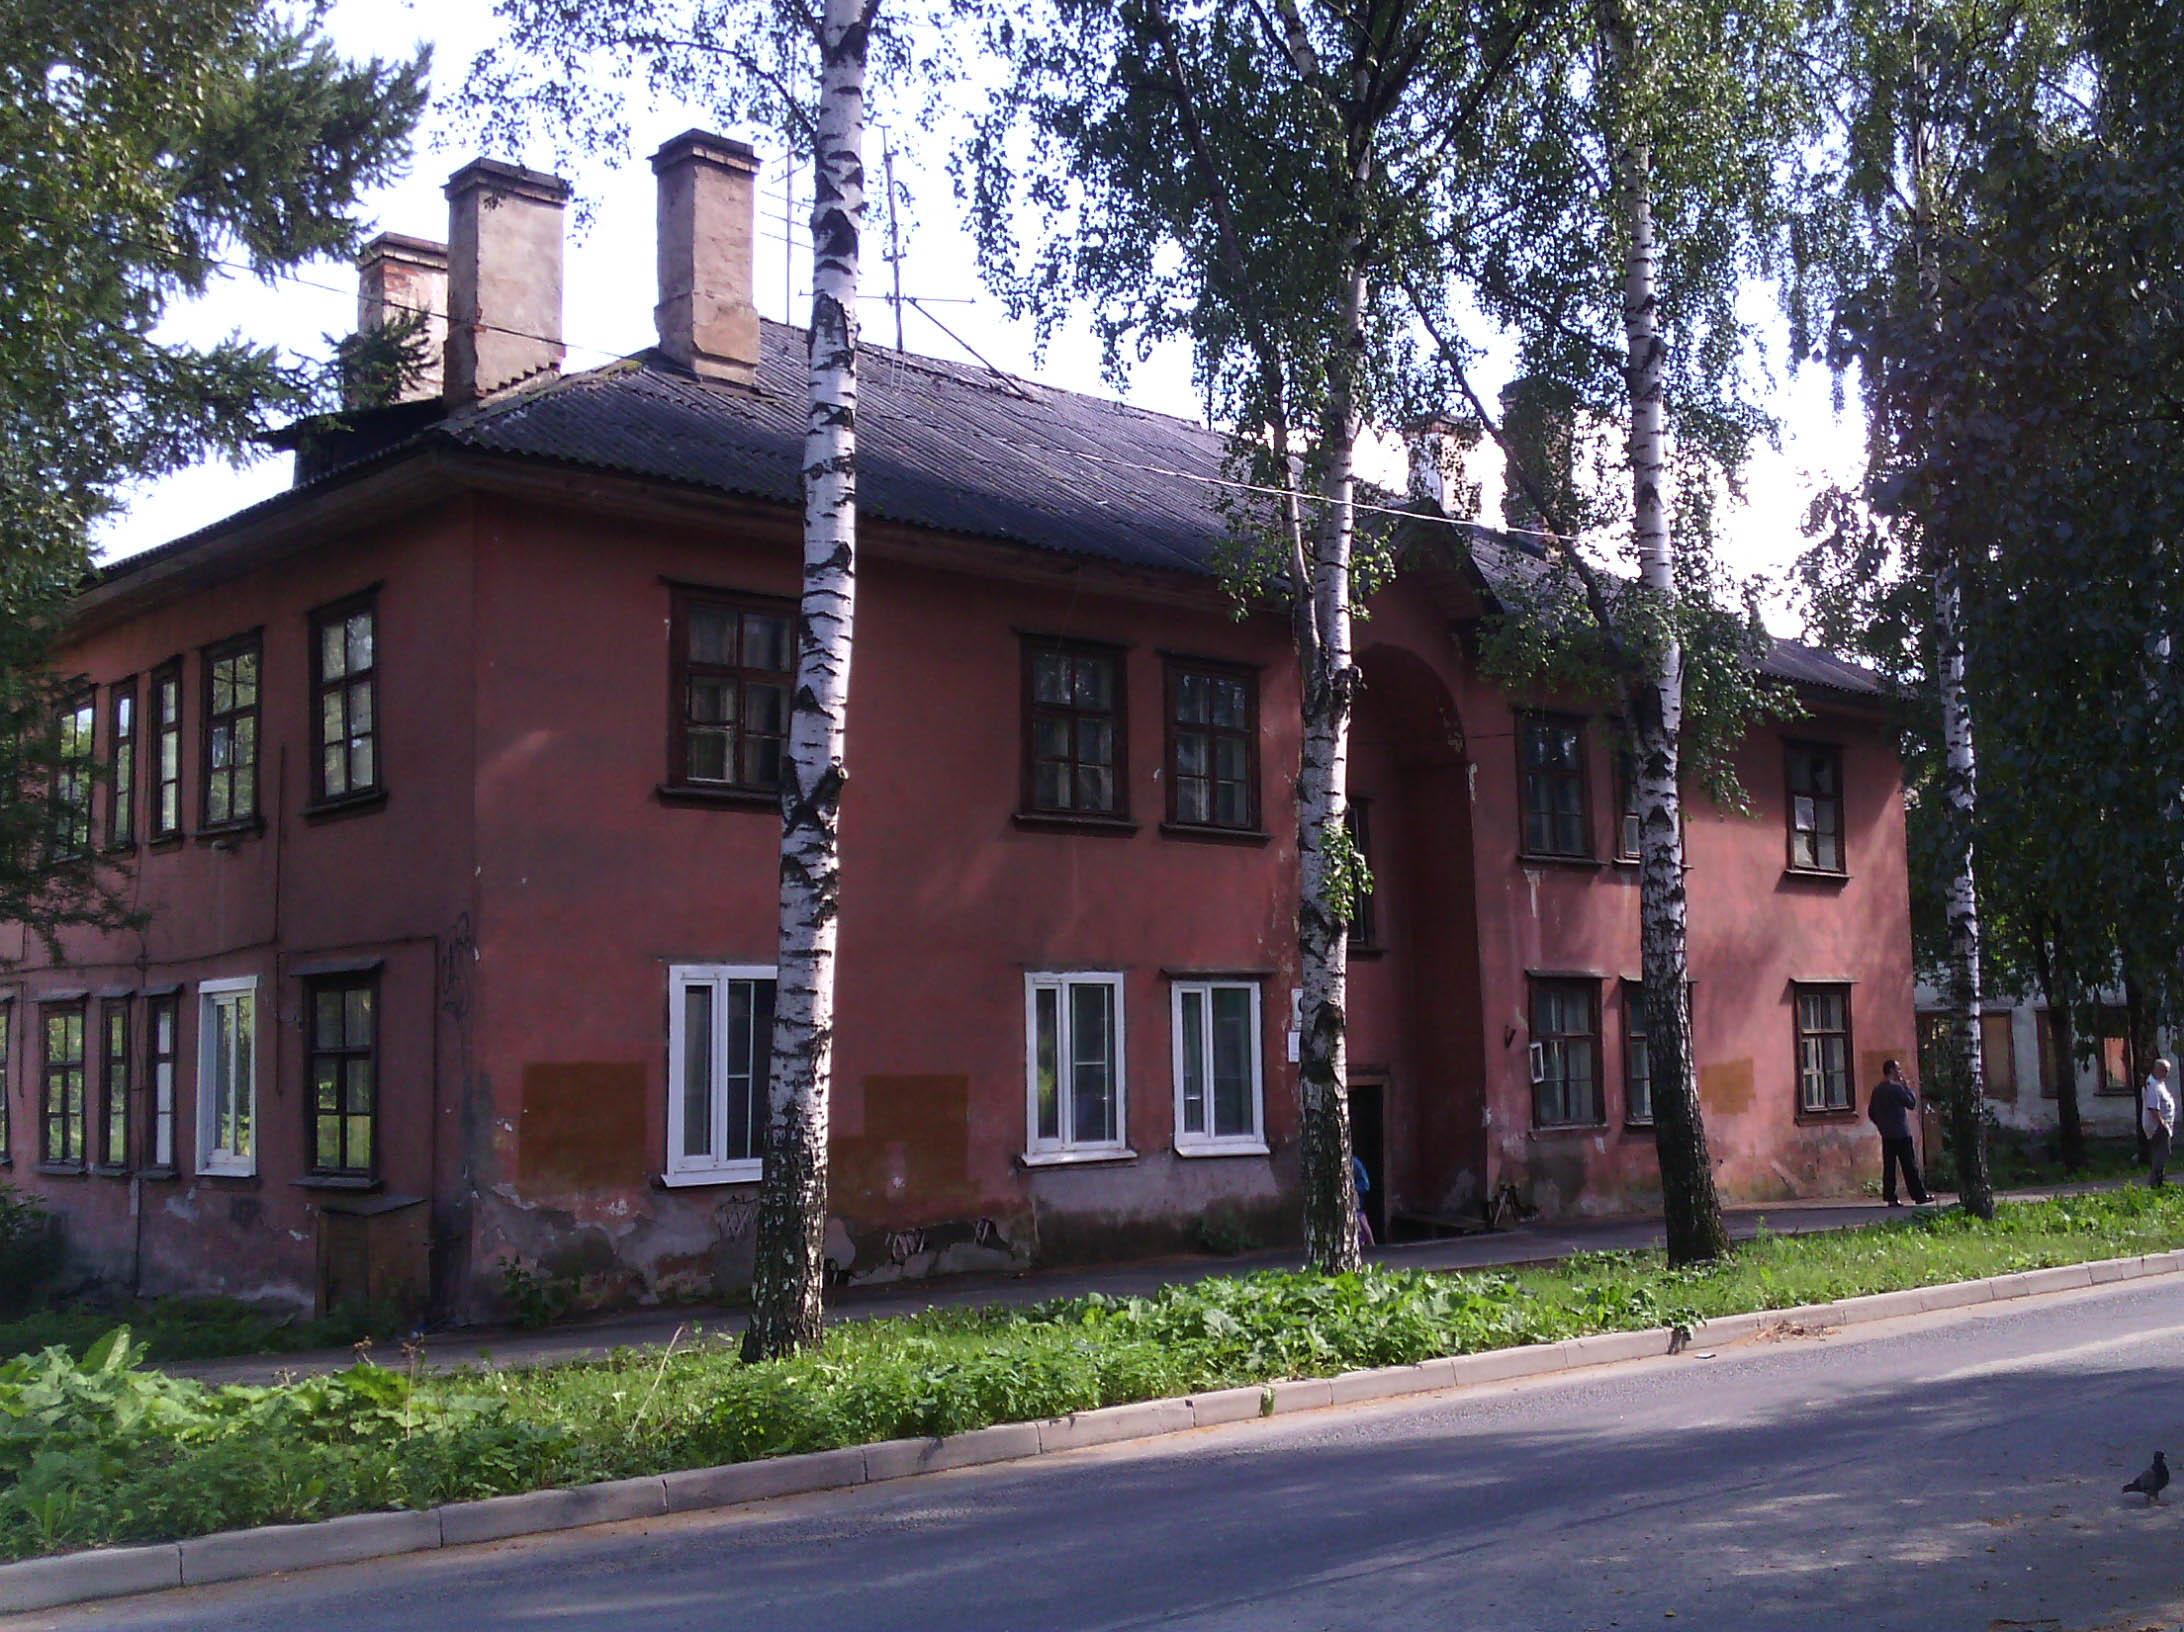 Жильцов дома на улице Коммунистов в Петрозаводске ждет расселение. Фото: Валерий Поташов